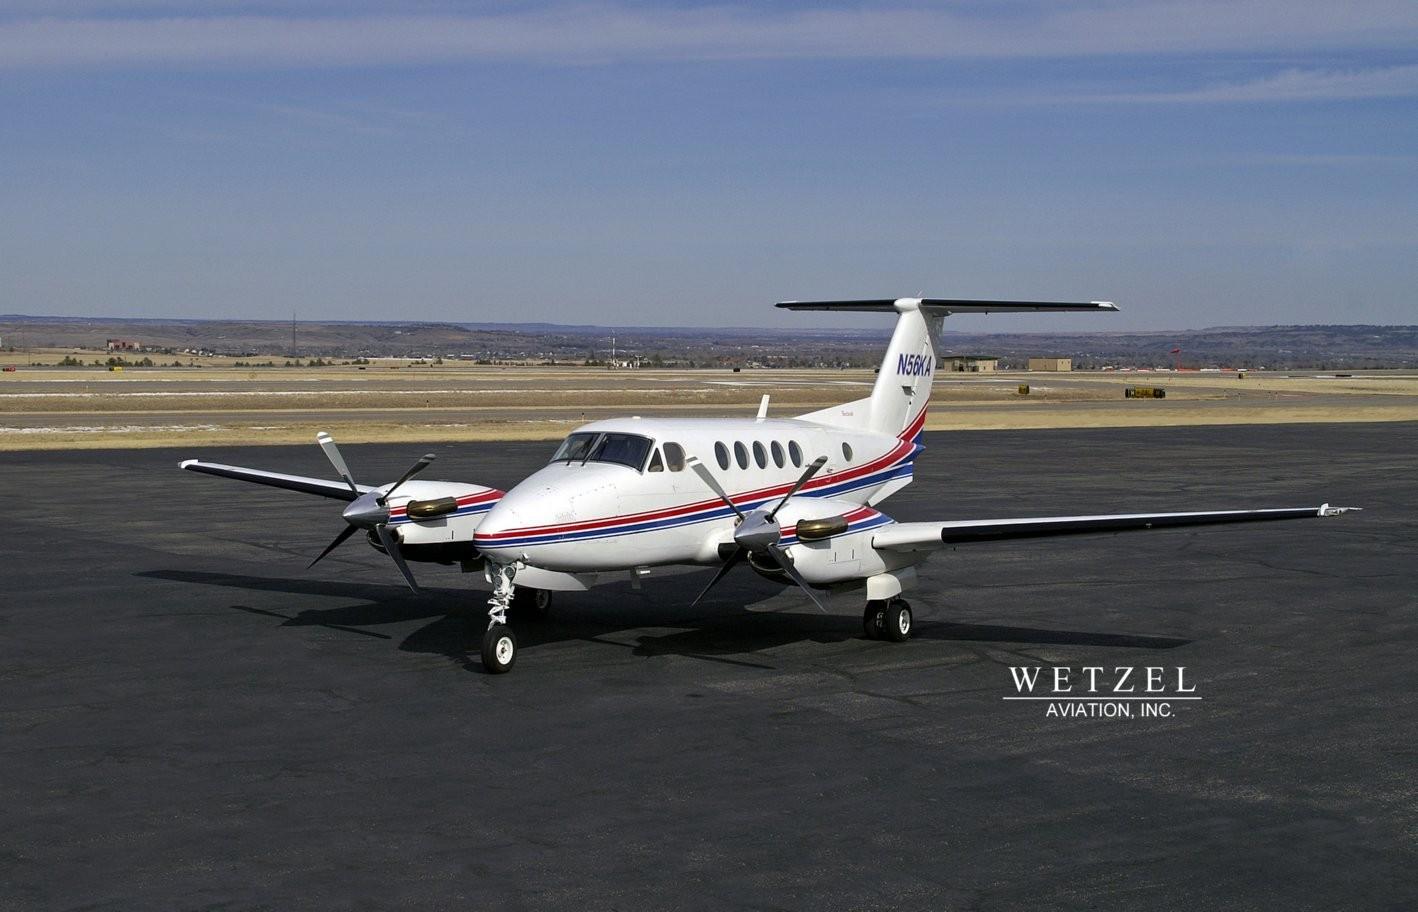 Kevin Hillier / Carson Air Ltd., Kelowna BC-Canada